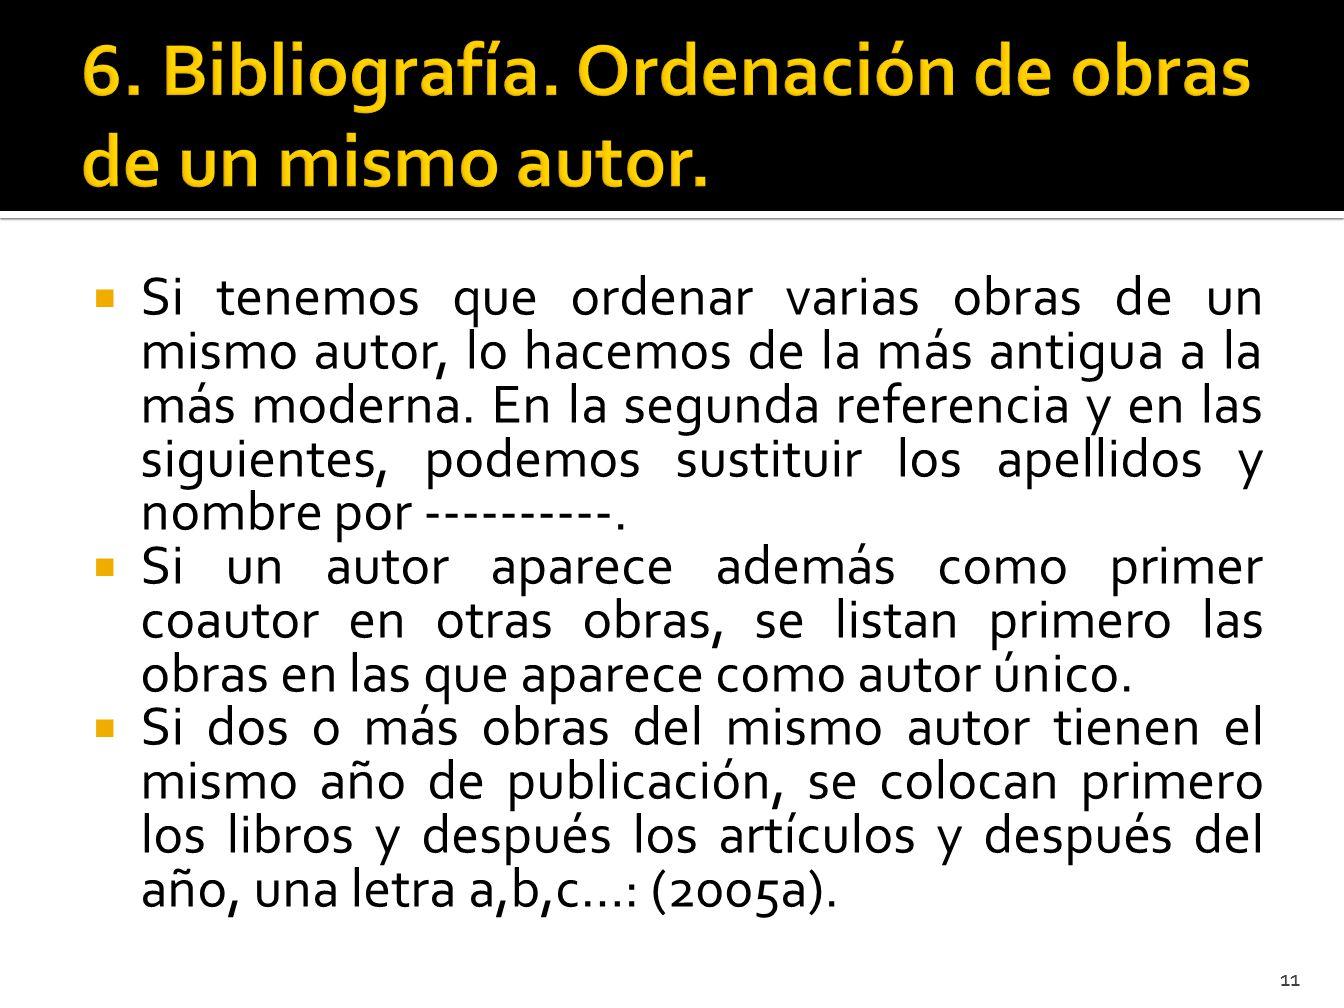 6. Bibliografía. Ordenación de obras de un mismo autor.